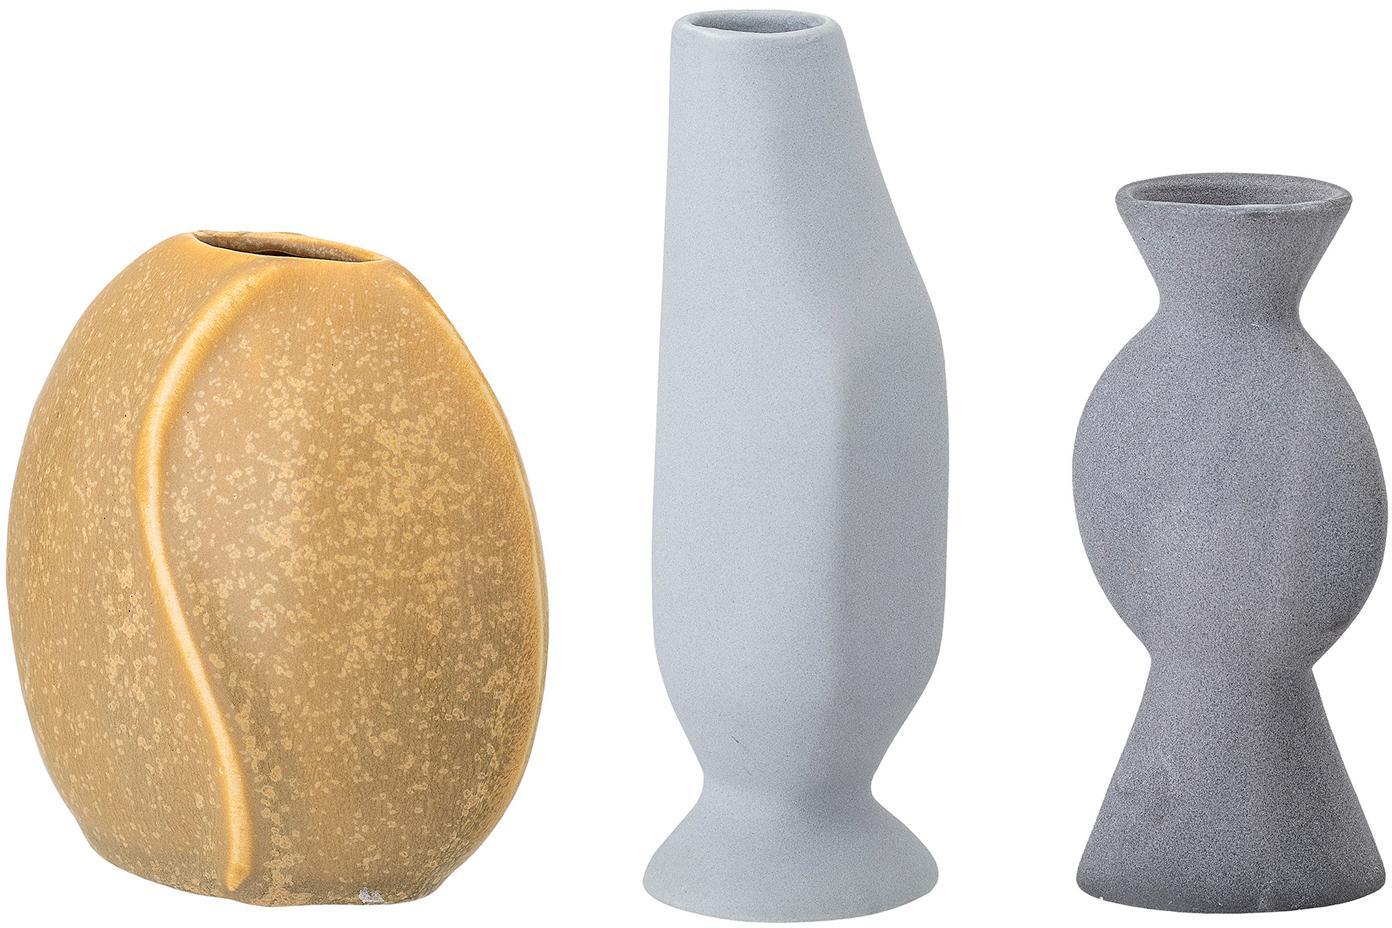 Kleine handgemaakte vazenset Lubava, 3-delig, Keramiek, Geel, lichtgrijs, grijs, Set met verschillende formaten